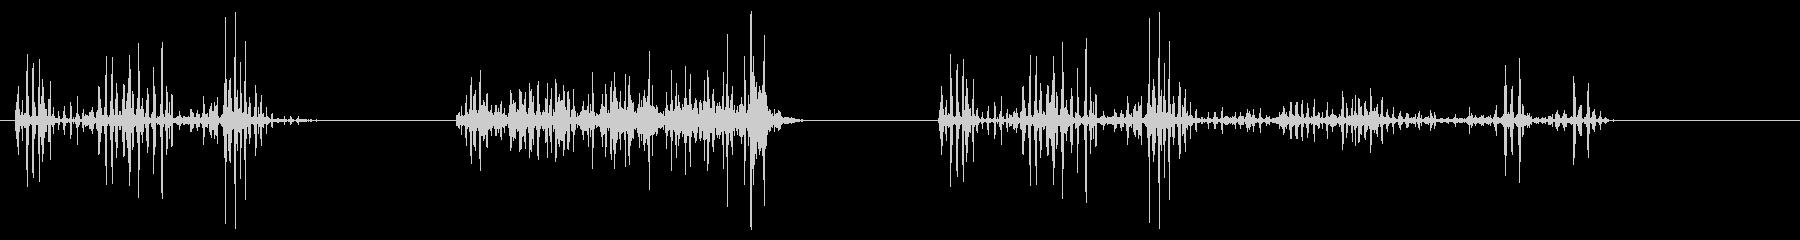 ウィングフラップ-3つの効果;ラピ...の未再生の波形